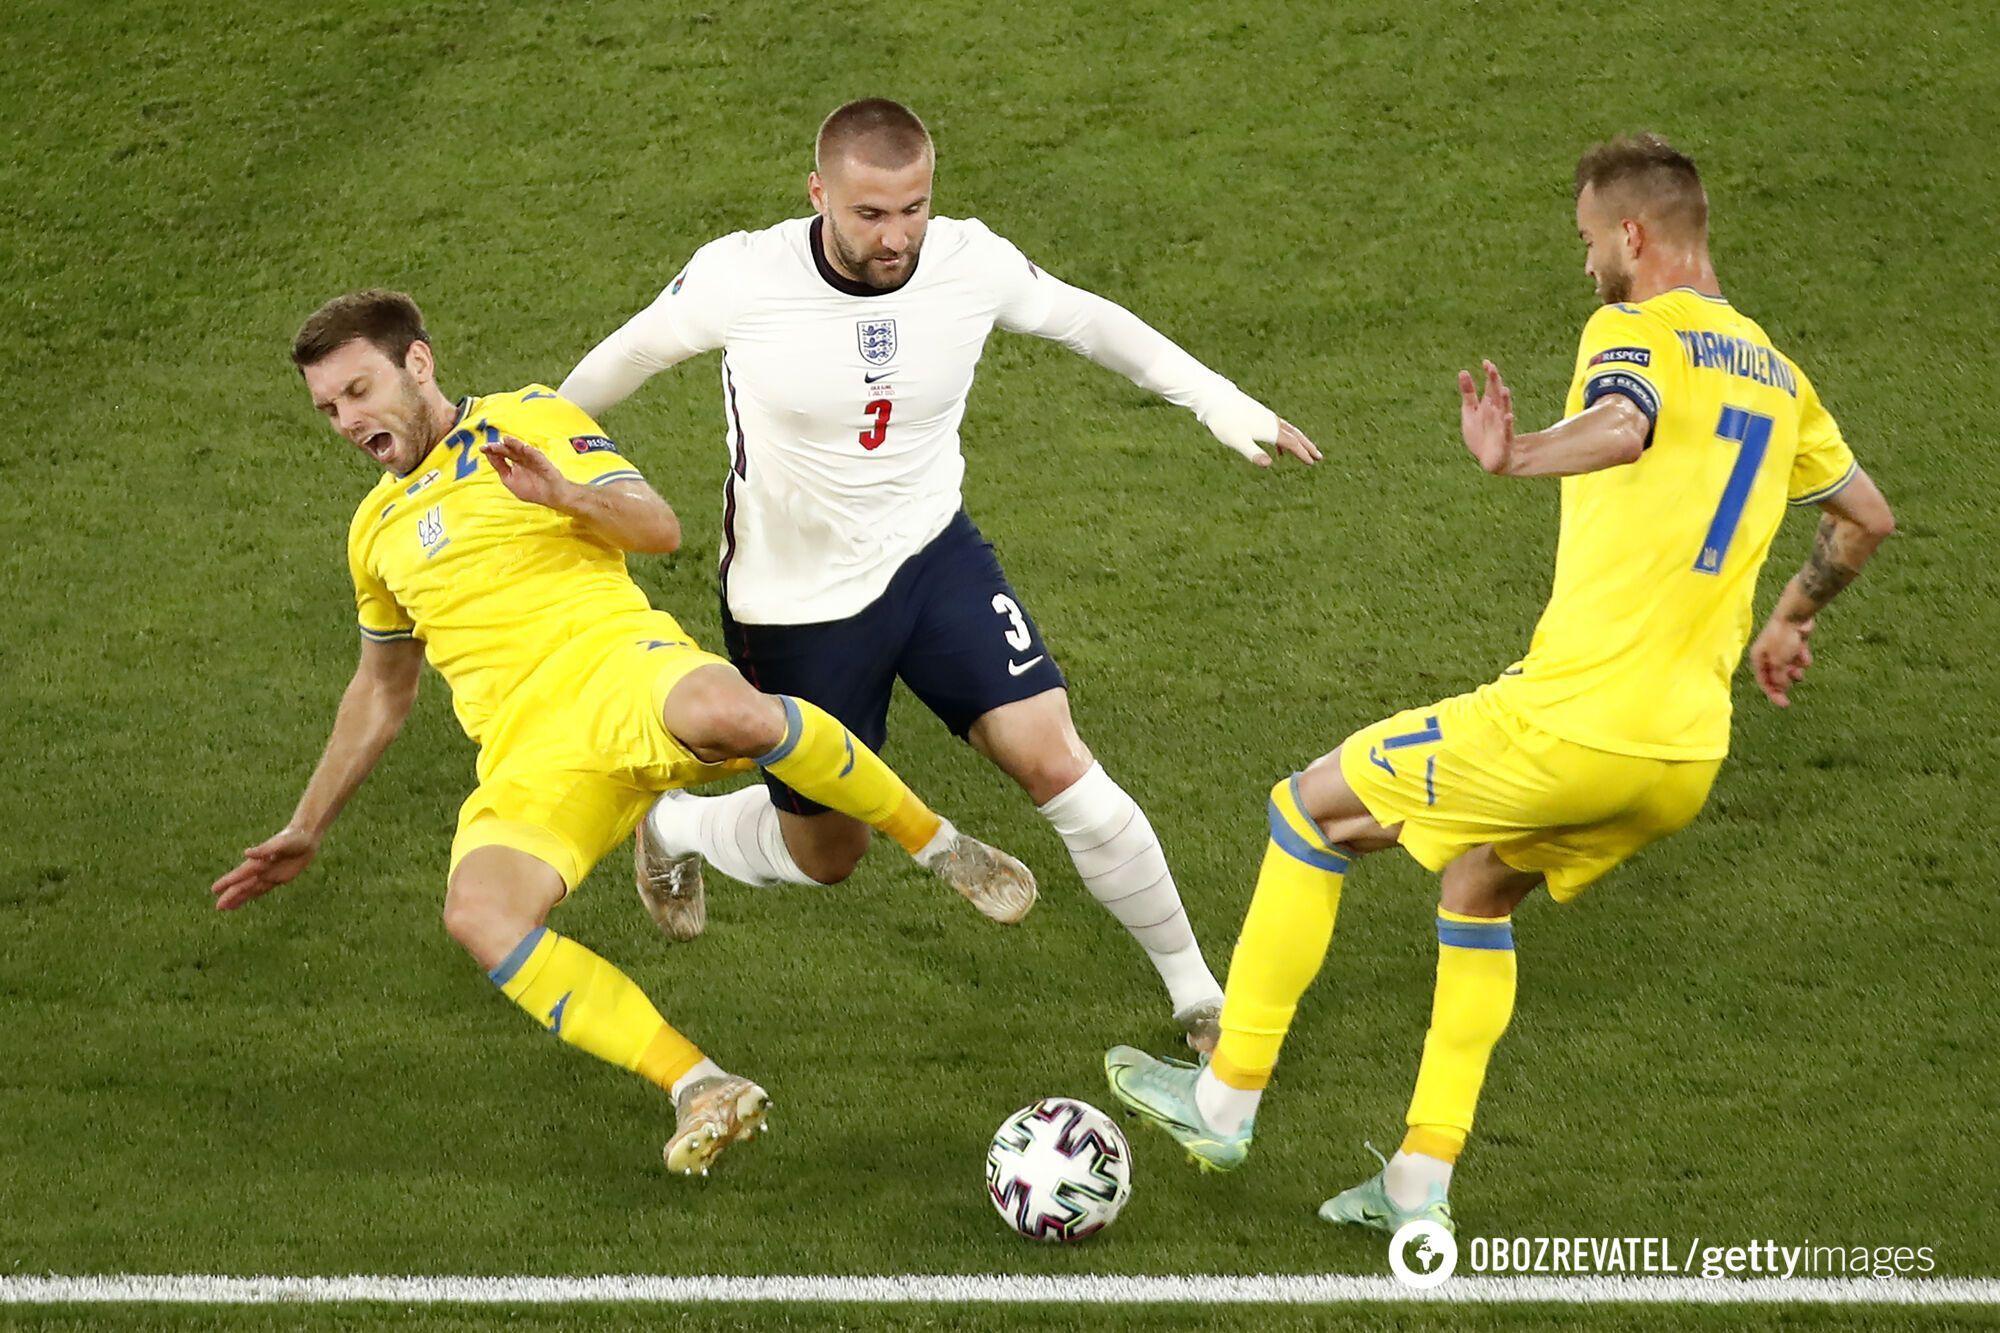 Англія неспішно катала м'яч у центрі